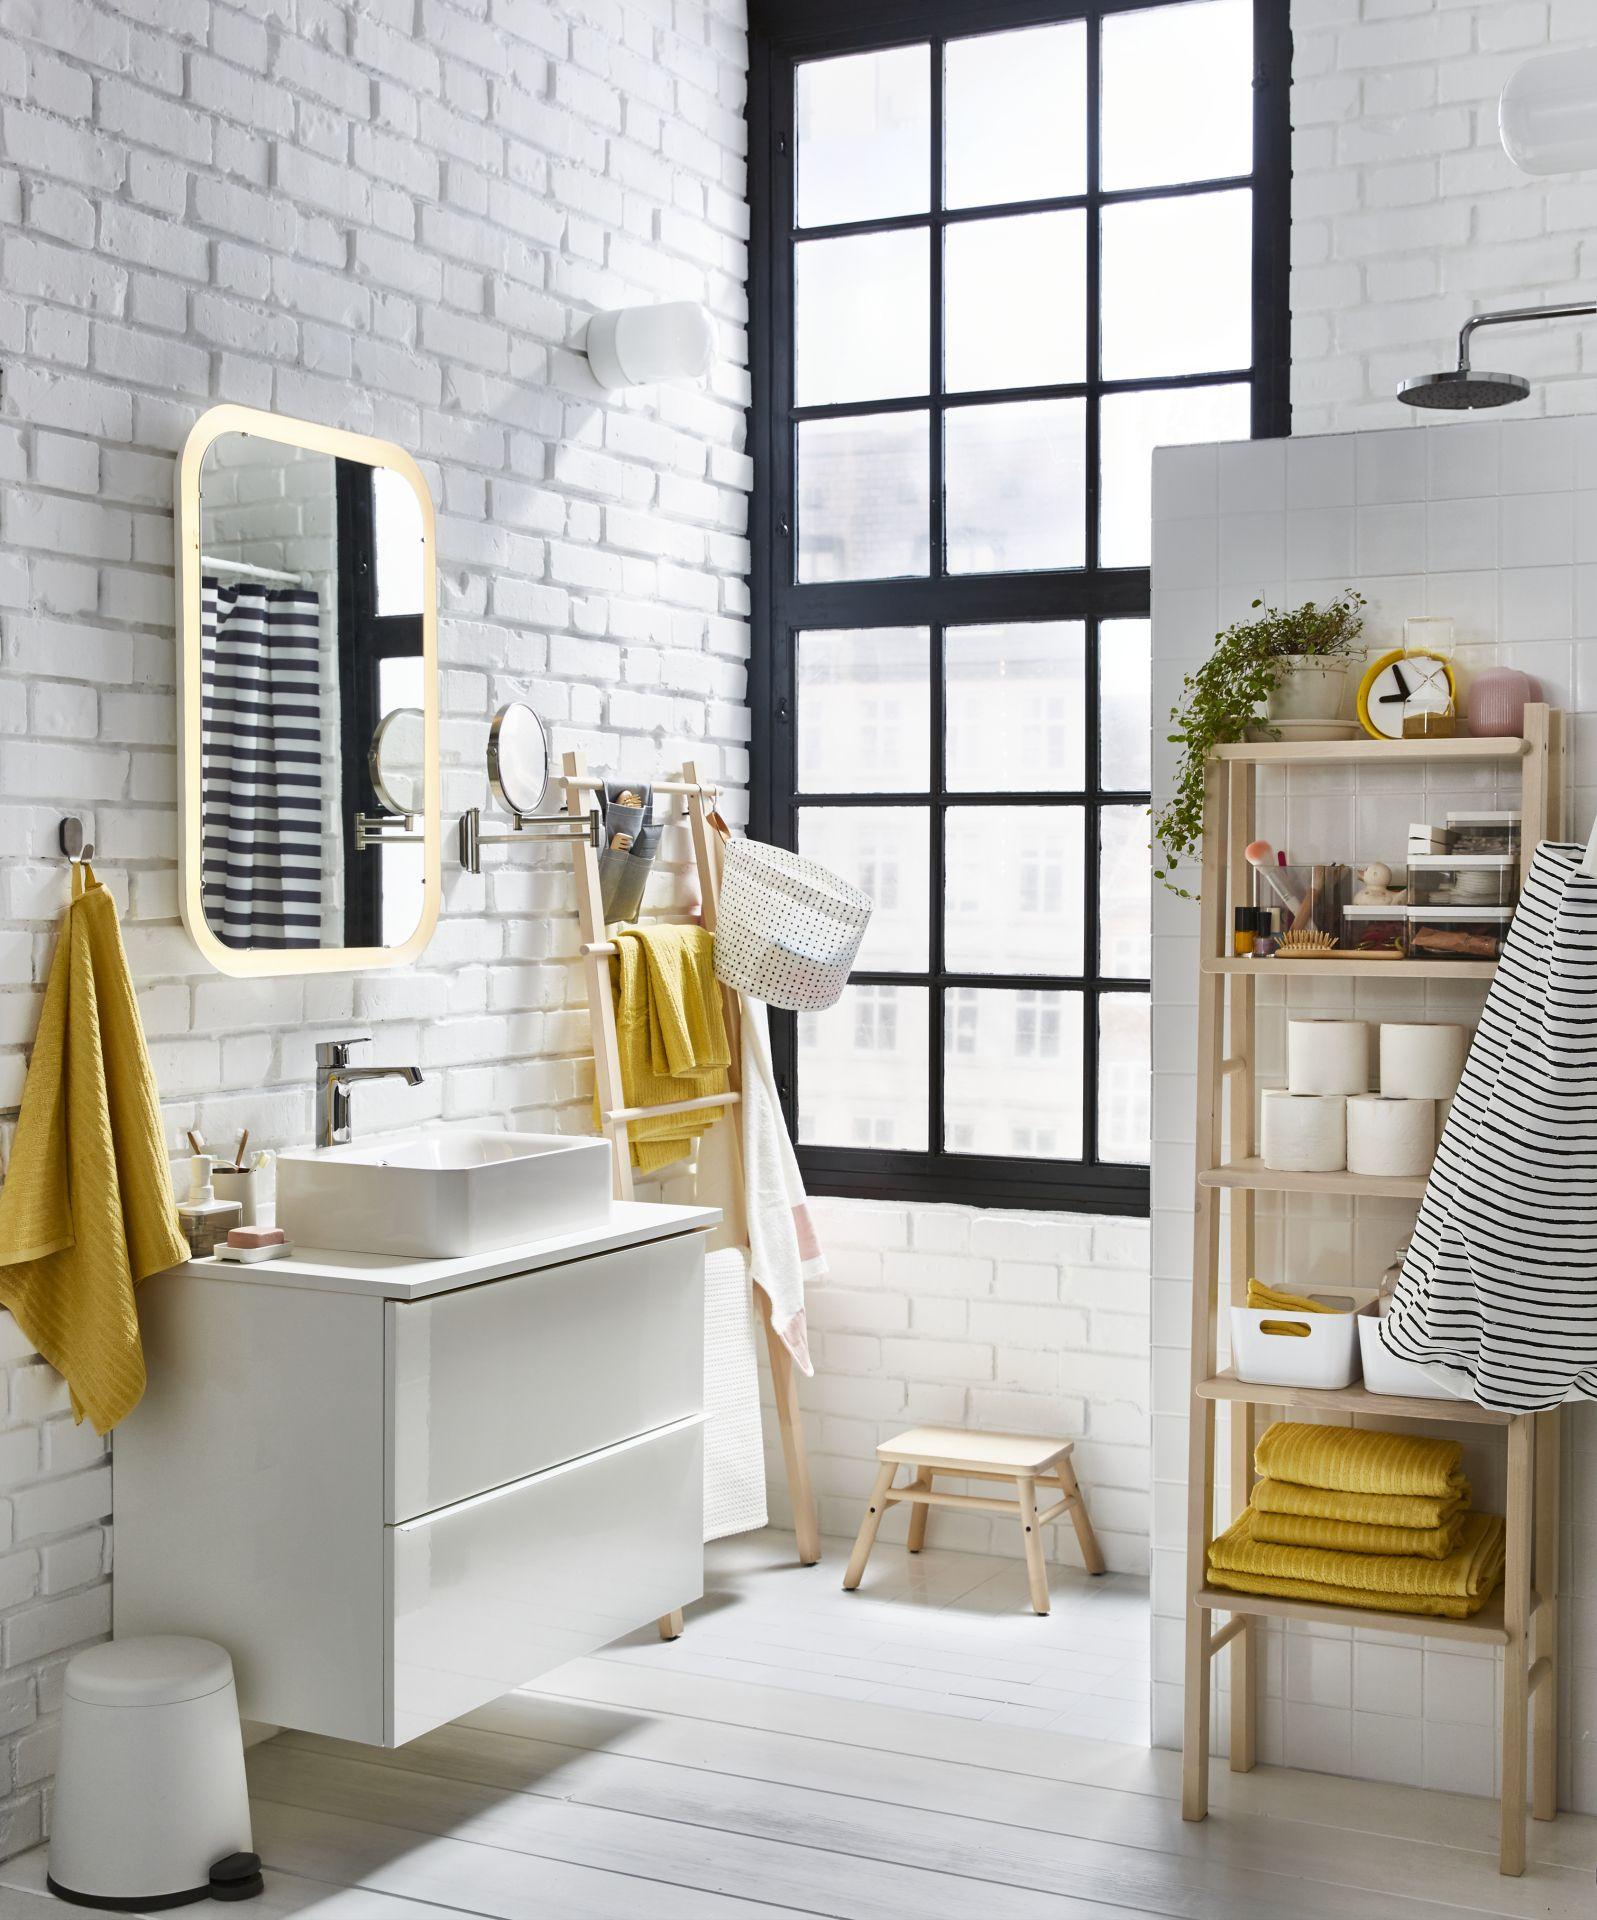 Storjorm Spiegel Mit Beleuchtung Weiss Ikea Deutschland Badezimmer Design Waschbeckenschrank Mobel Furs Wohnzimmer